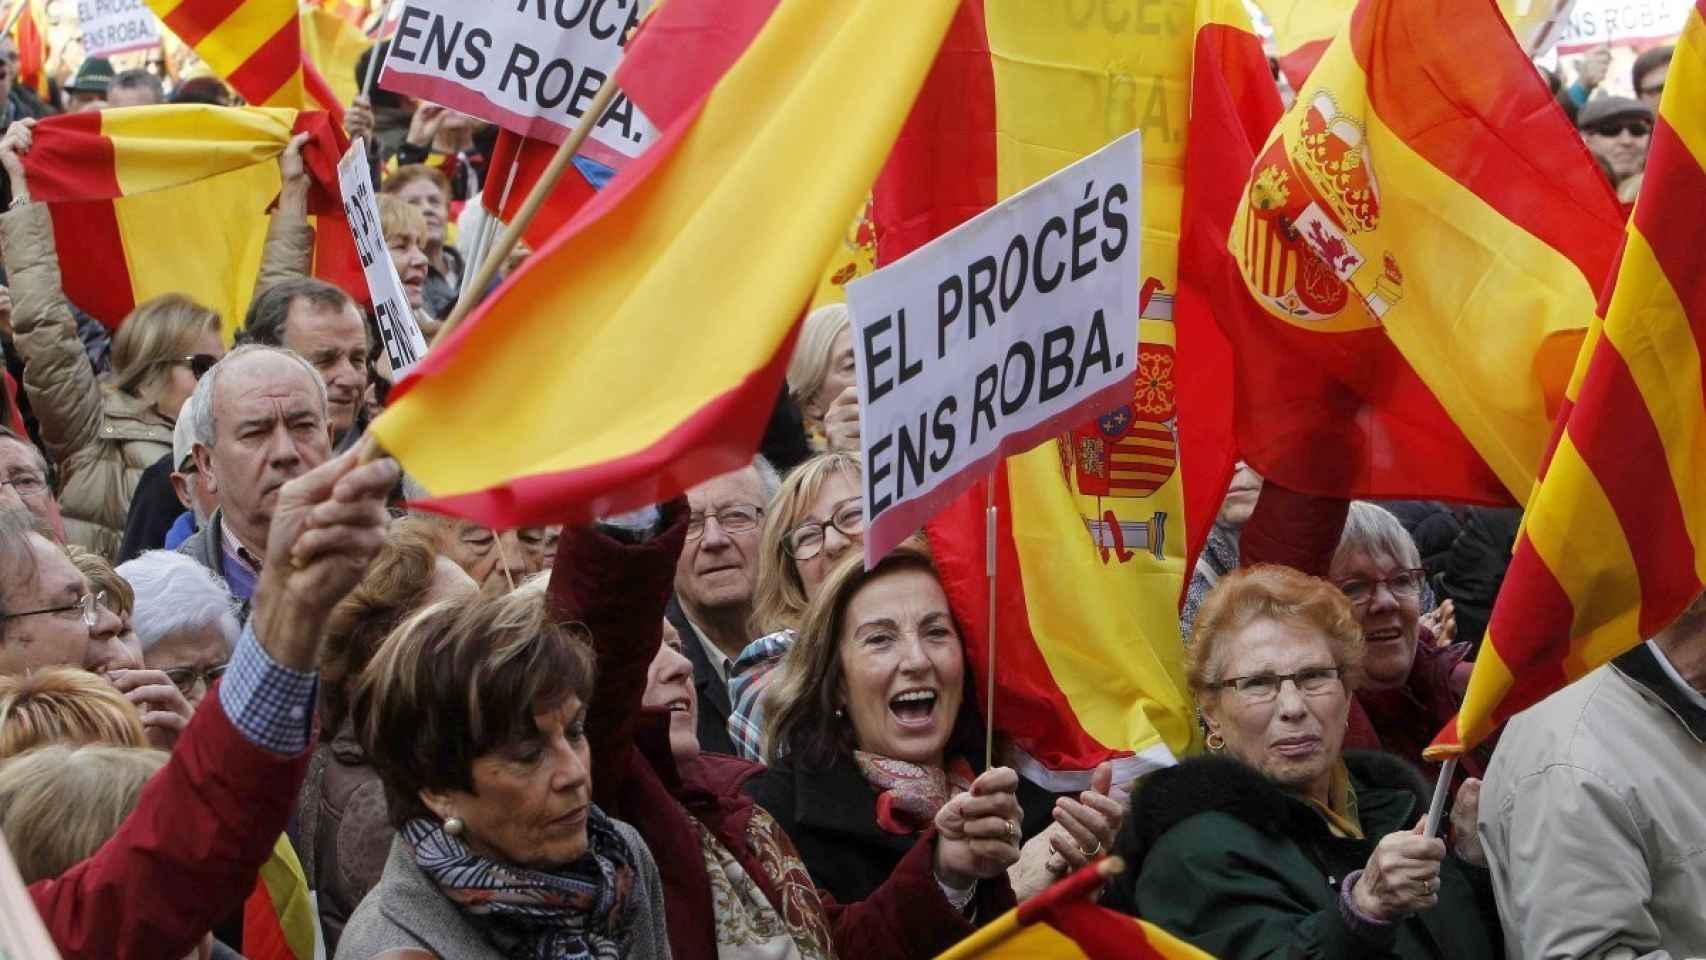 Manifestantes con pancartas en las que se lee 'El procés ens roba'.